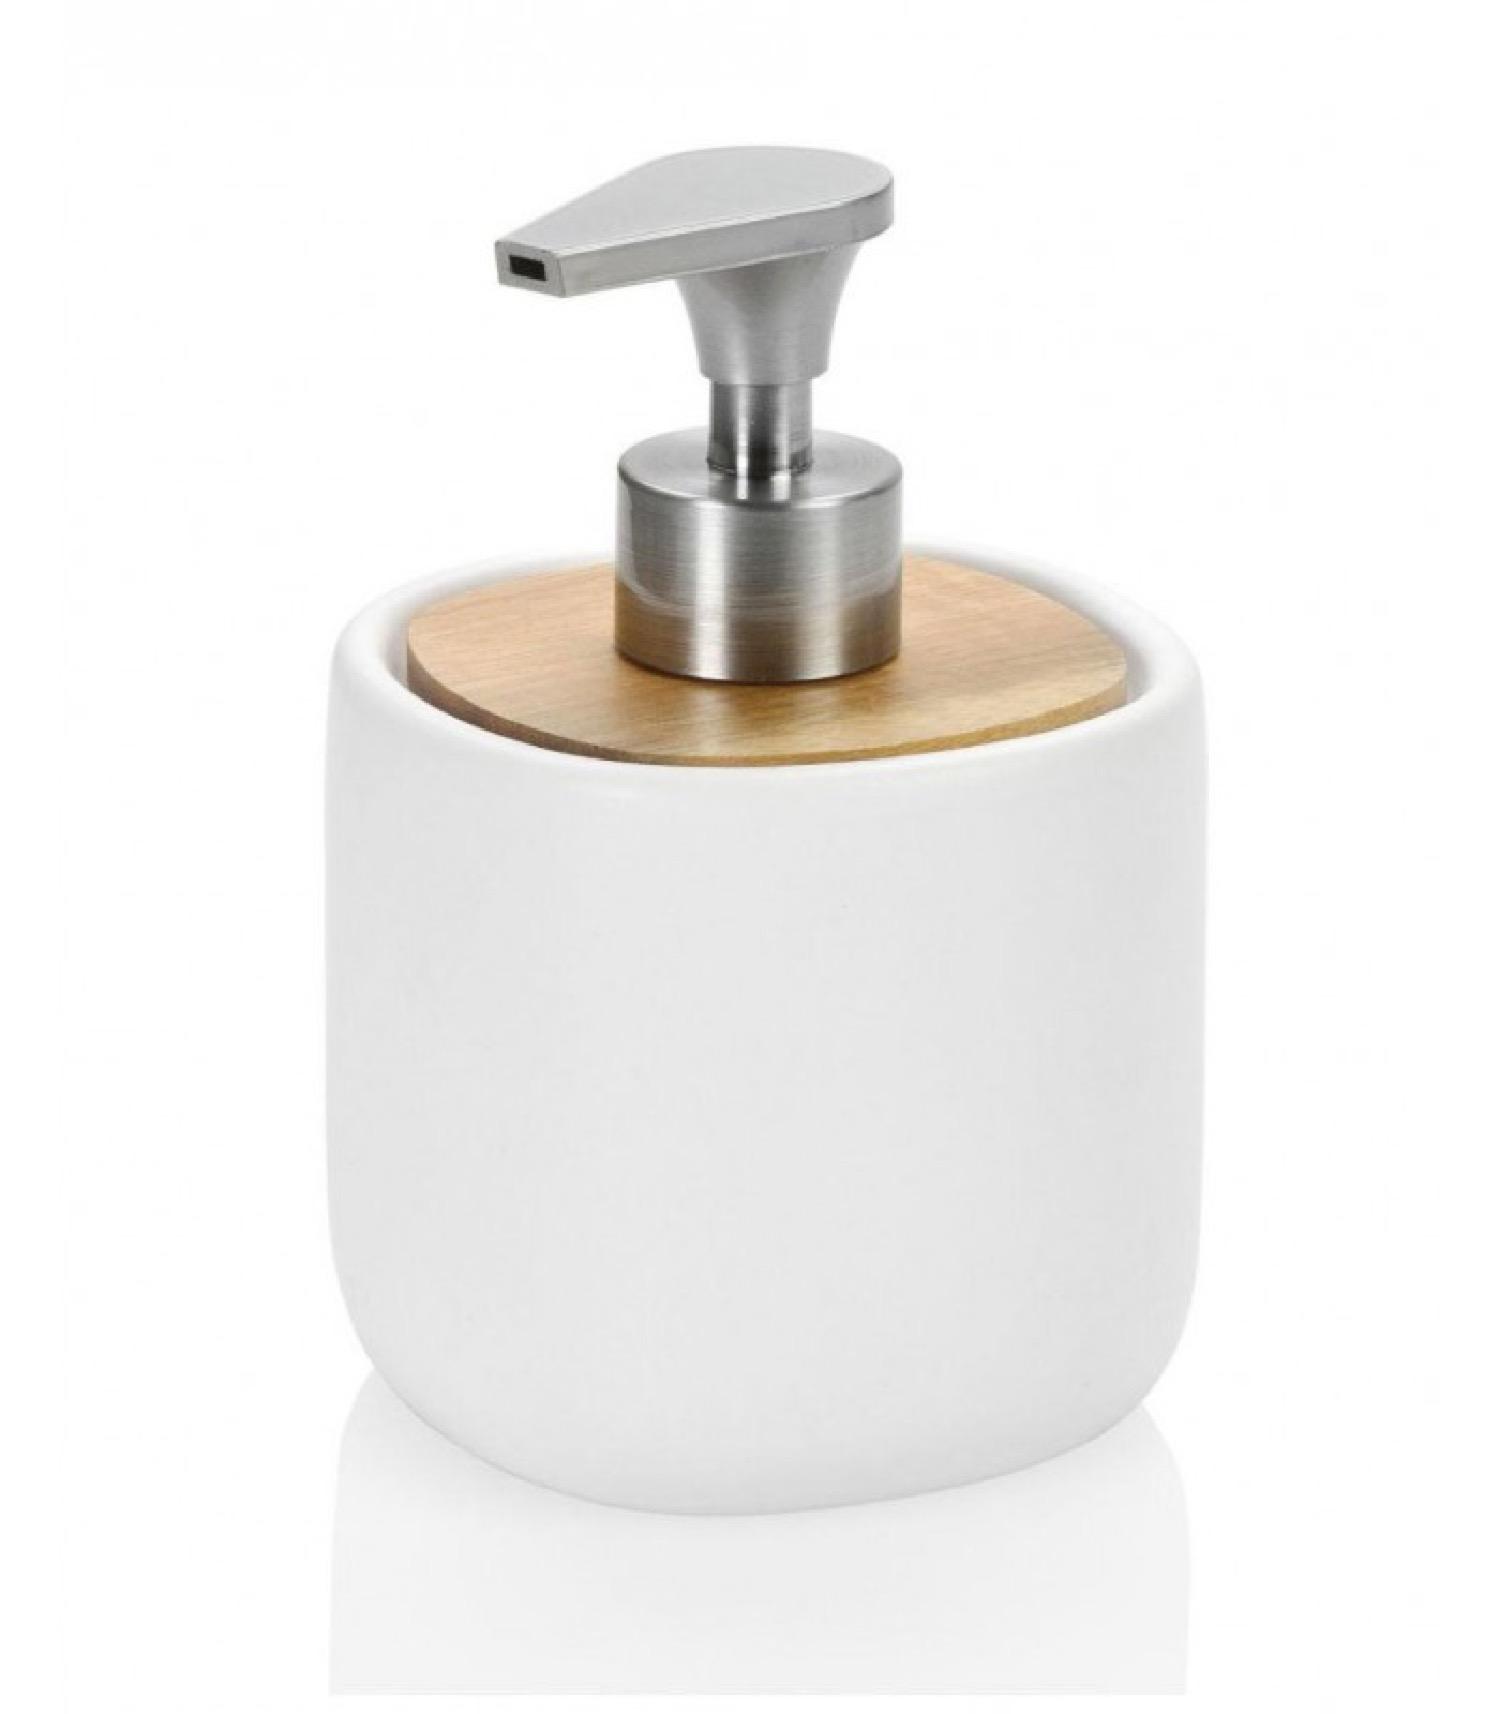 Distributeur de savon en céramique blanche et acacia